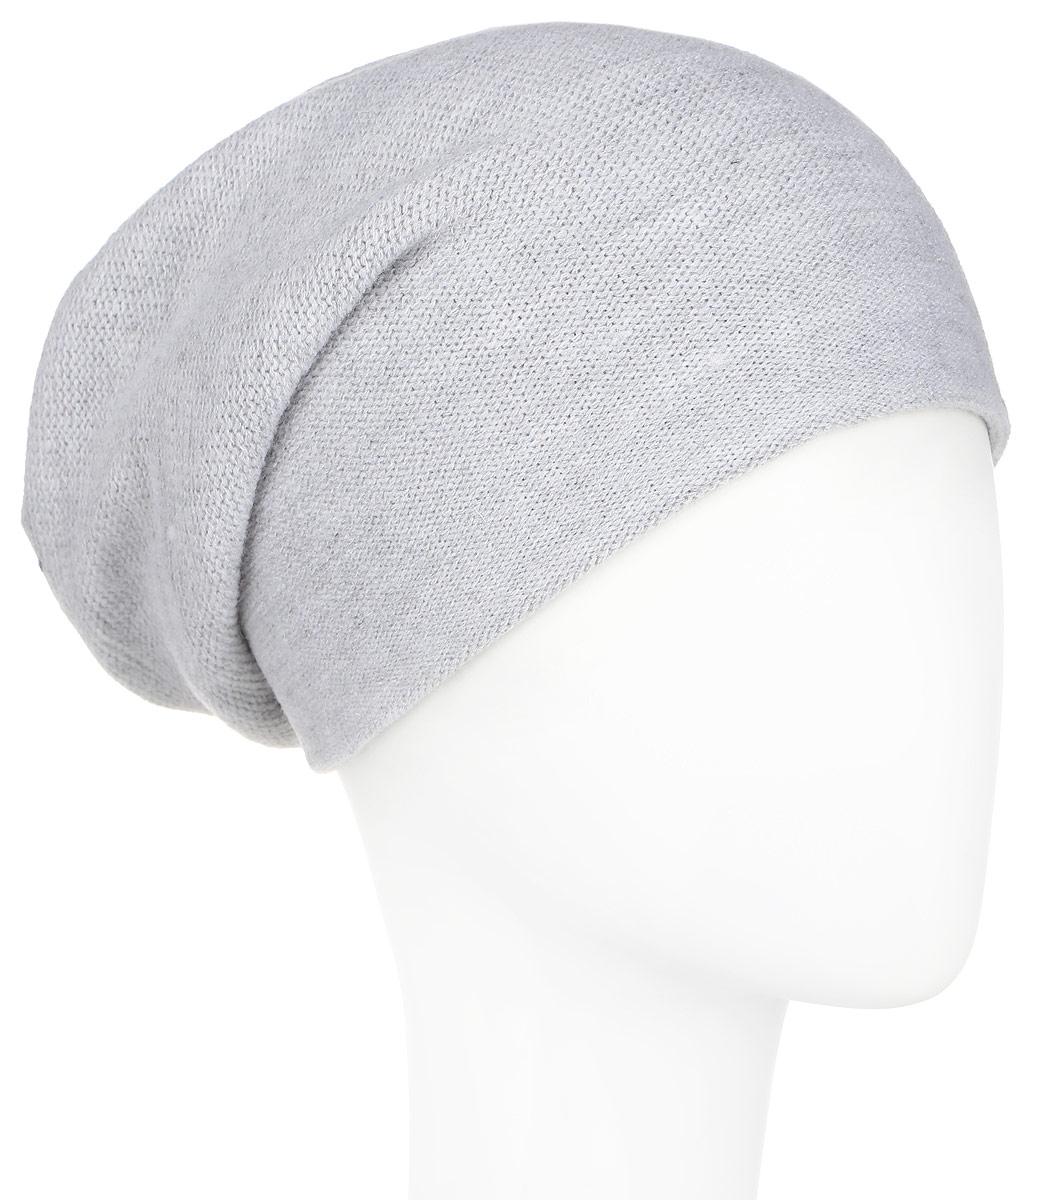 A16-11160_211Стильная женская шапка Finn Flare дополнит ваш наряд и не позволит вам замерзнуть в холодное время года. Шапка выполнена из высококачественной пряжи, что позволяет ей великолепно сохранять тепло и обеспечивает высокую эластичность и удобство посадки. Модель с удлиненной макушкой дополнена отверстием для хвоста и оформлена металлической эмблемой с логотипом производителя. Такая шапка станет модным и стильным дополнением вашего гардероба. Она согреет вас и позволит подчеркнуть свою индивидуальность!